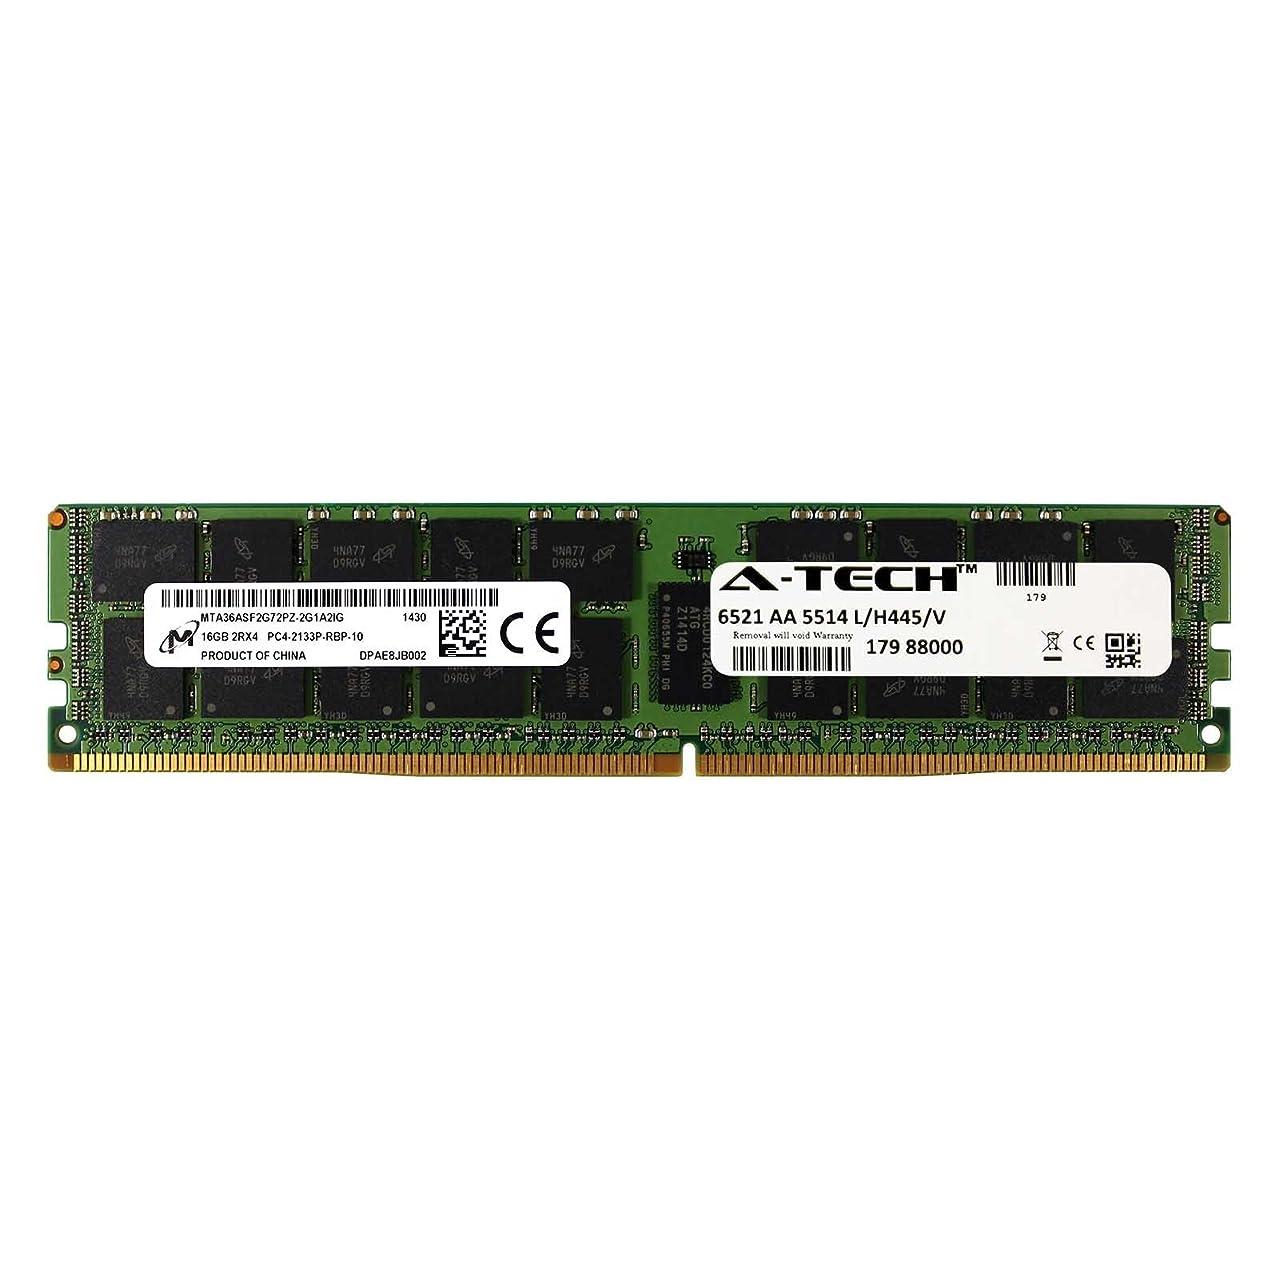 DDR4 Micron by A-Tech 16GB Module 2Rx4 PC4-17000 2133MHz Dell PowerEdge R730xd R730 R630 T630 R430 R530 C4130 SNP1R8CRC/16G A7910488 A7945660 370-ABUK SNP1R8CRC/16G-A1 1R8CR RDWTP 01R8CR Memory RAM